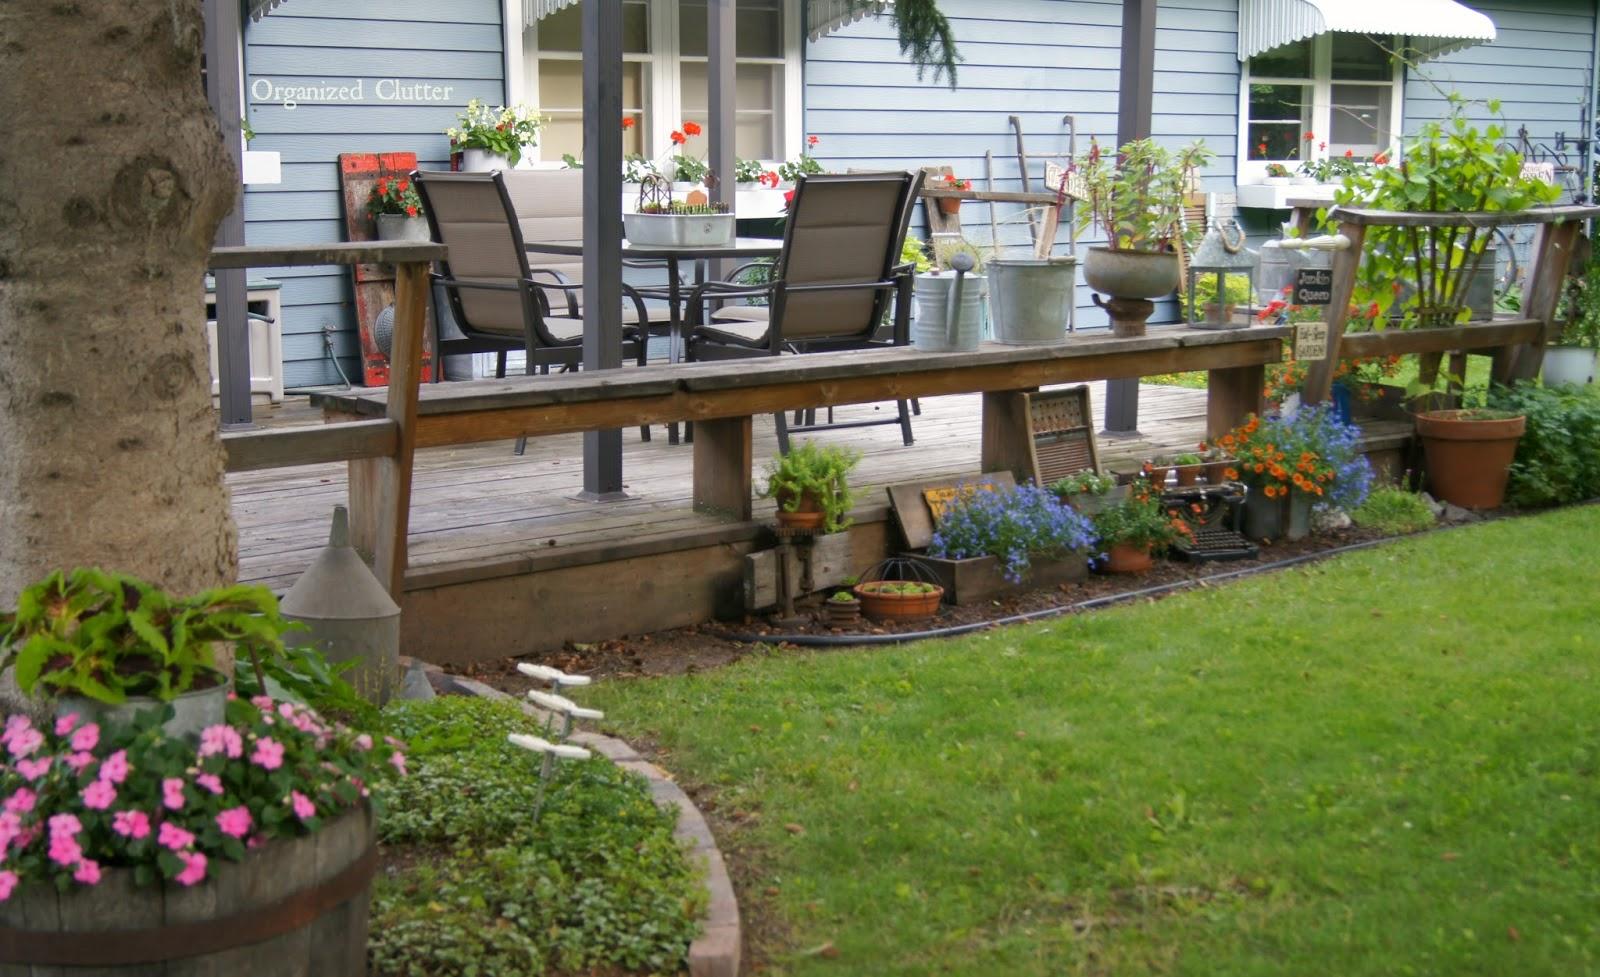 Deck Side Junk Garden www.organizedclutterqueen.blogspot.com